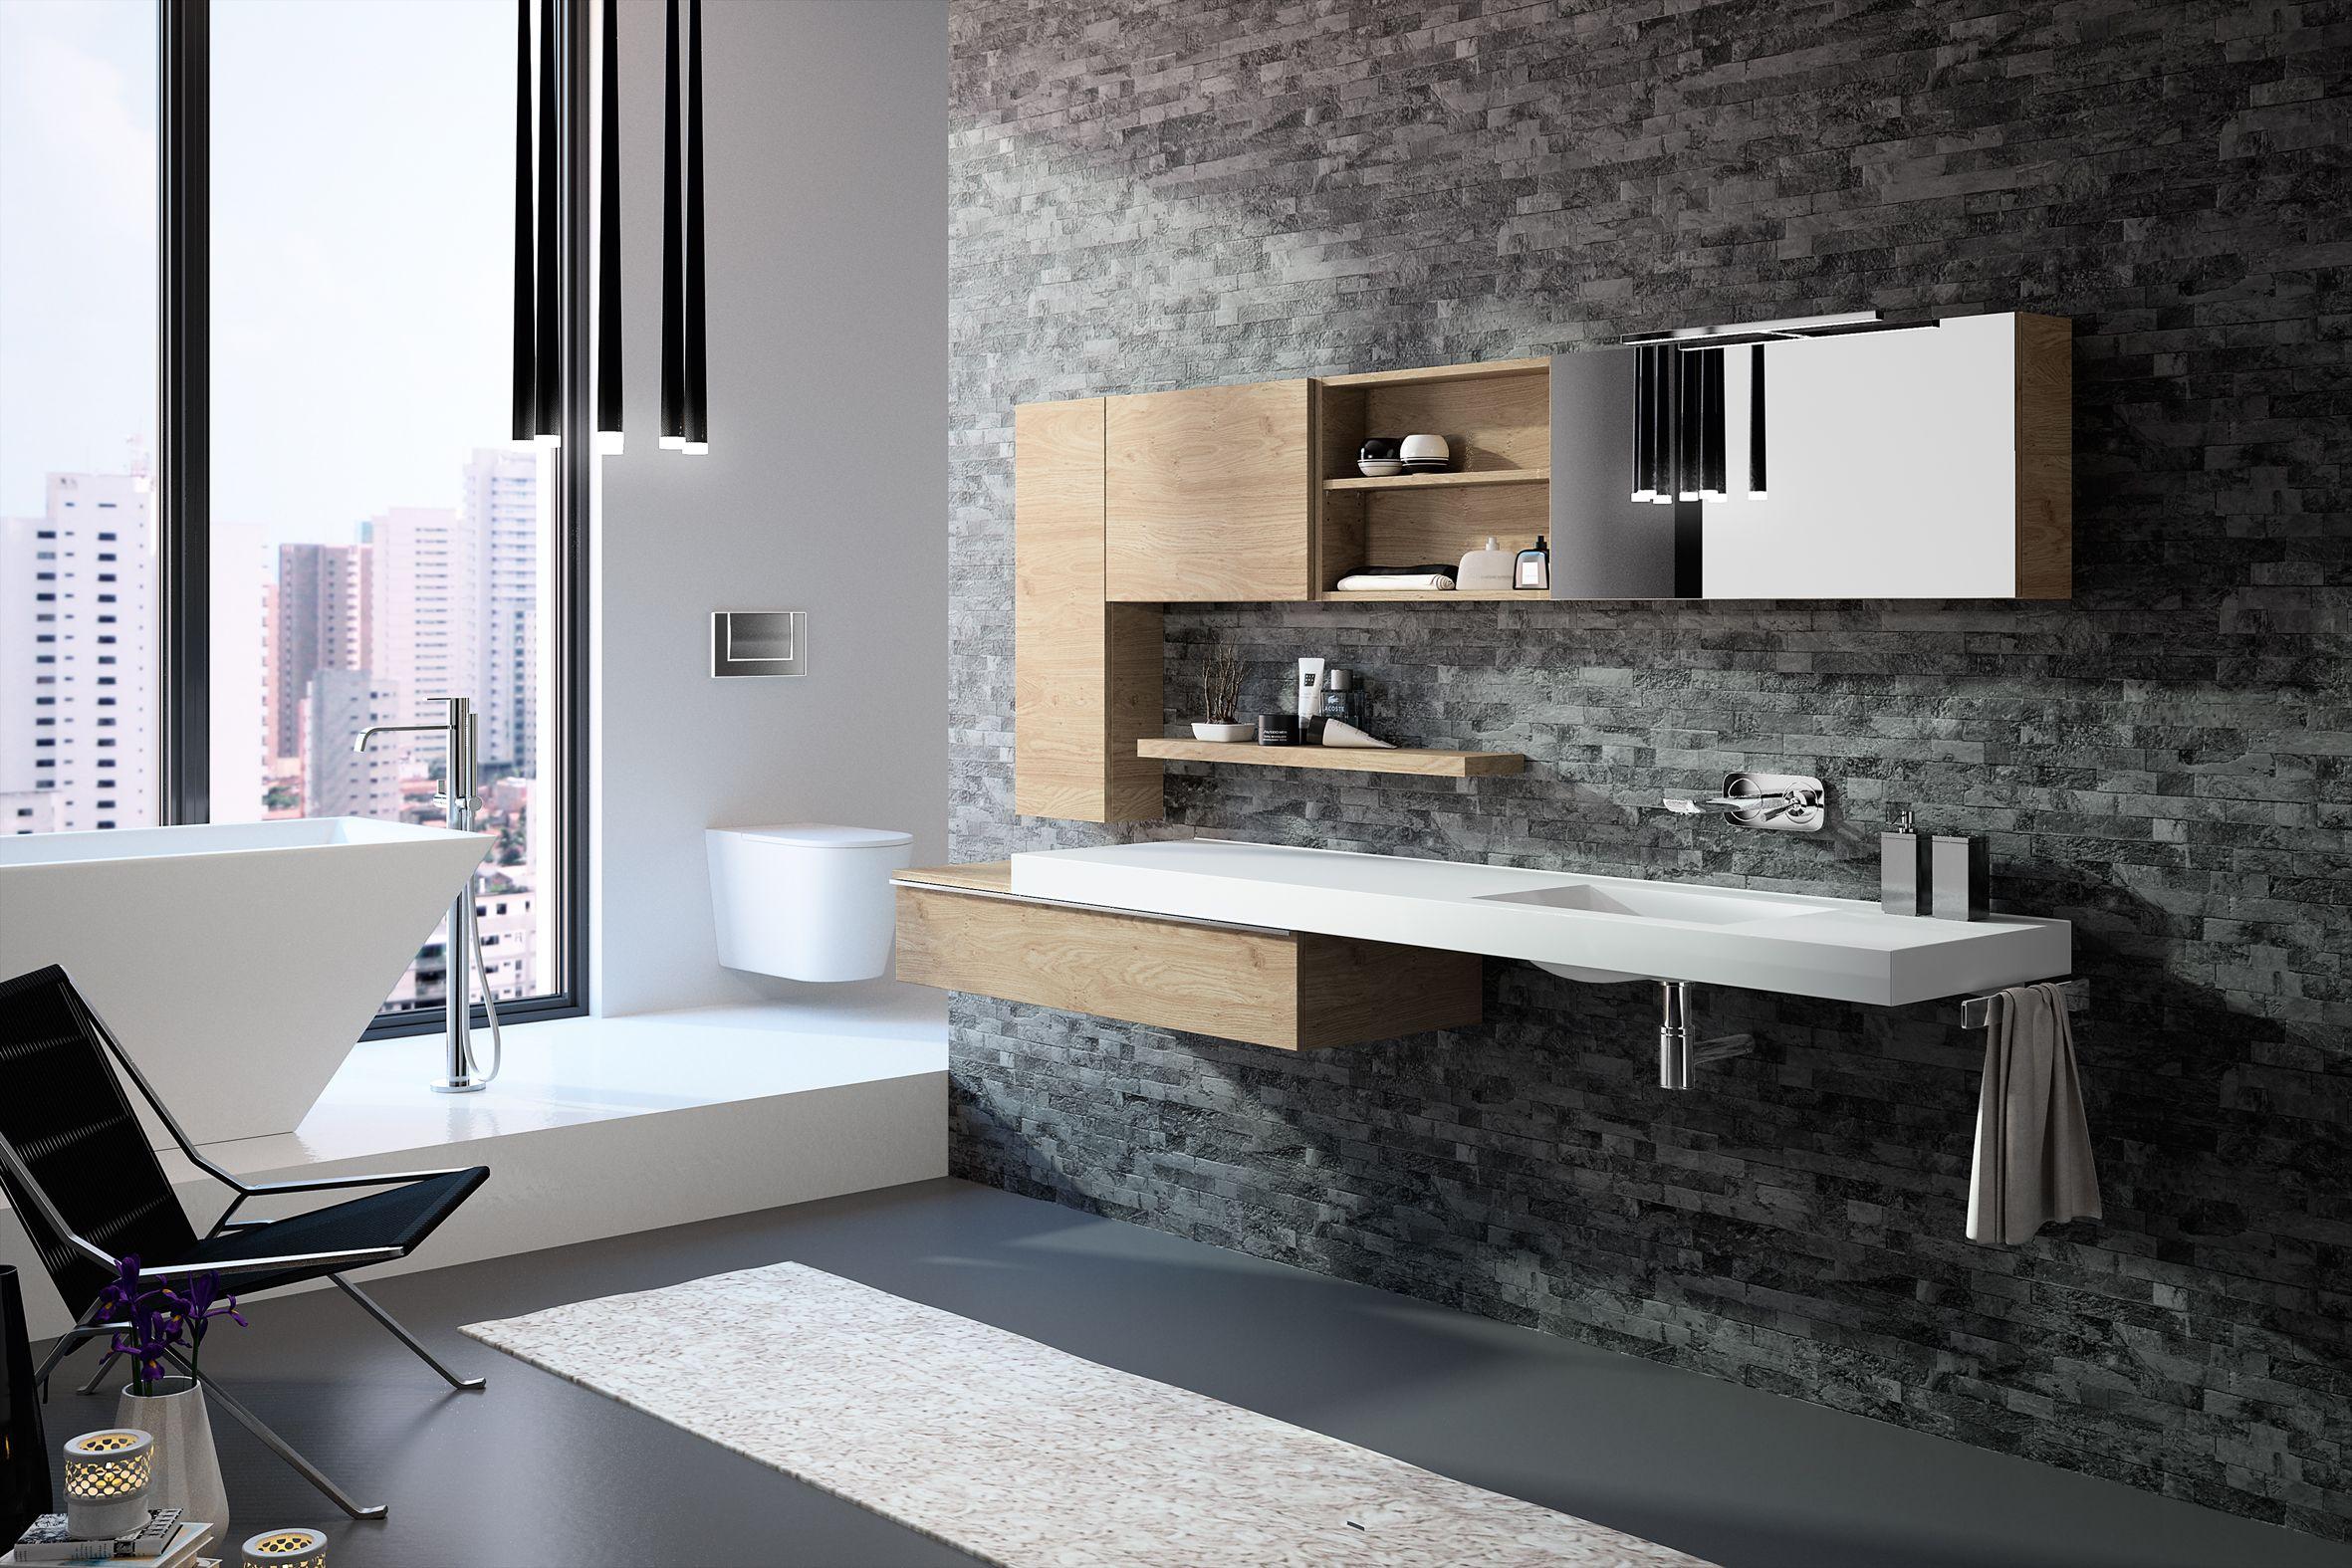 Meuble De Salle De Bain Allemand meubles de salle de bain cedam - gamme extenso sur-mesure